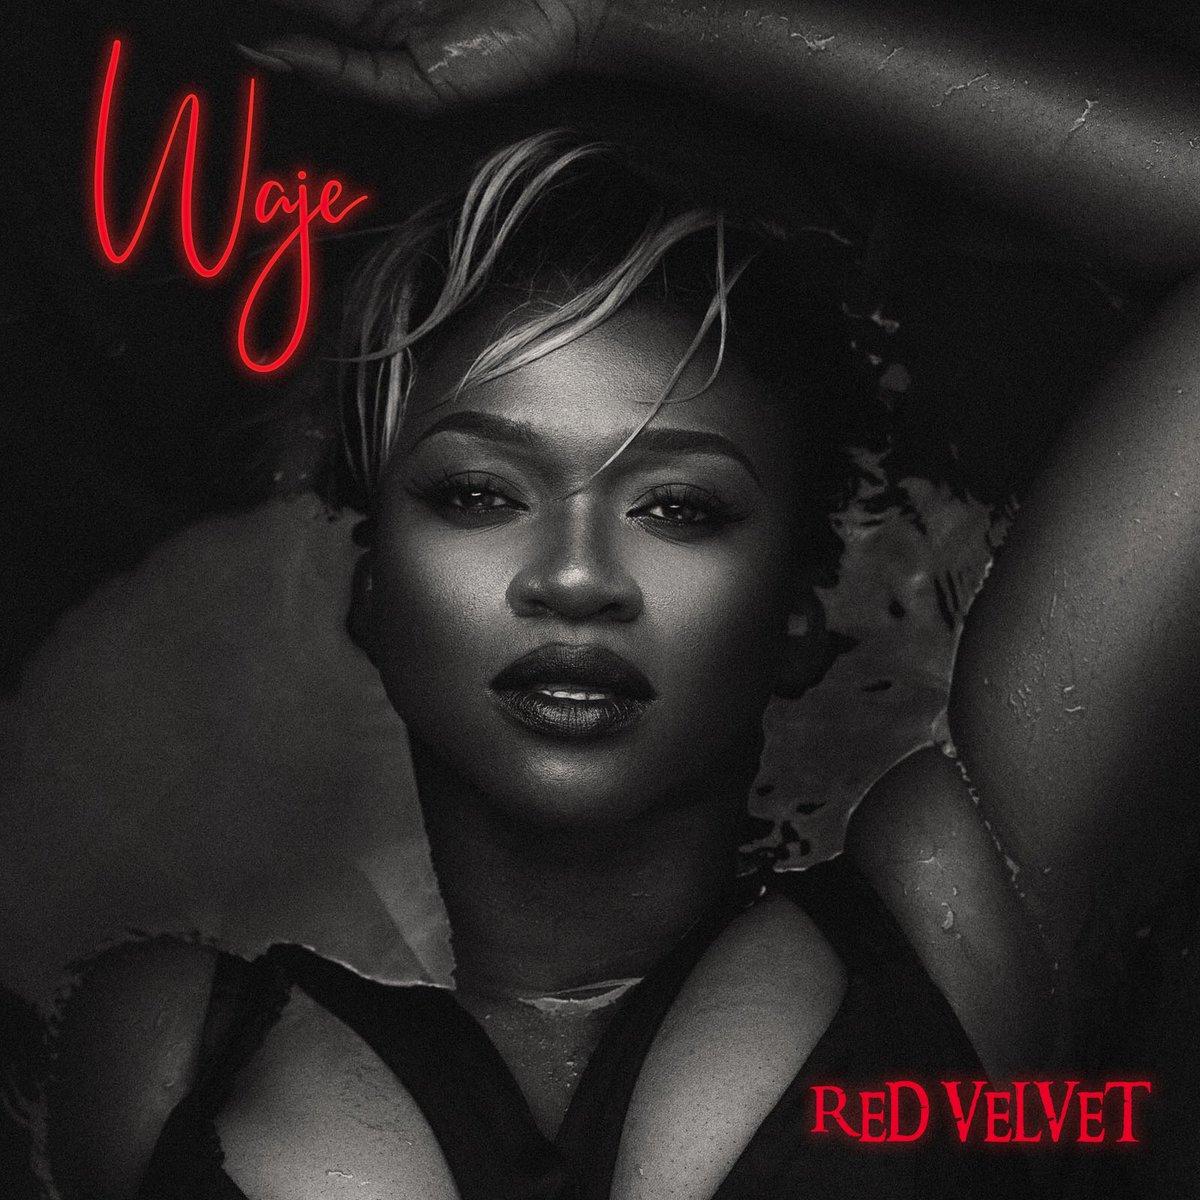 Waje Releases The 'Red Velvet' Album | LISTEN